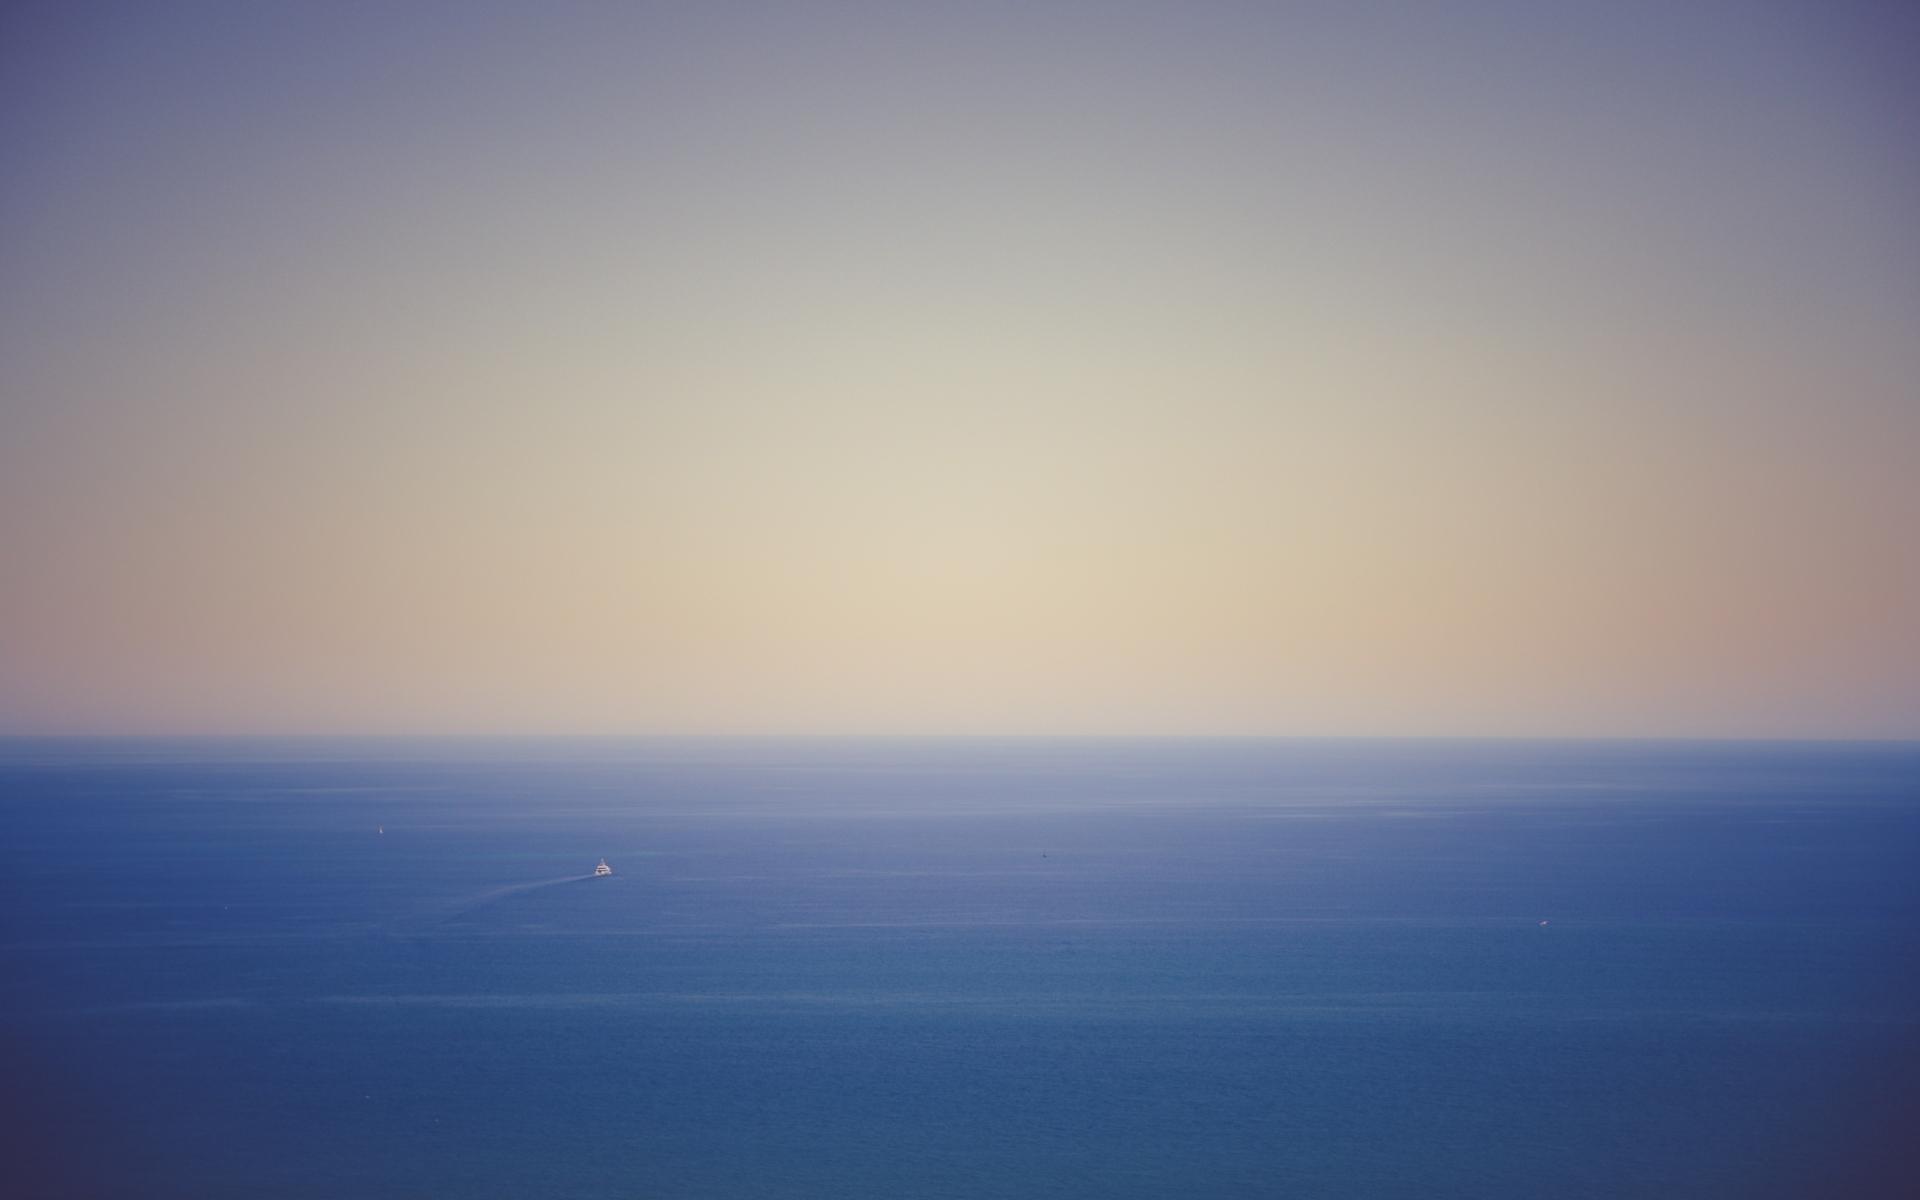 Картинки Океан, горизонт, небо фото и обои на рабочий стол